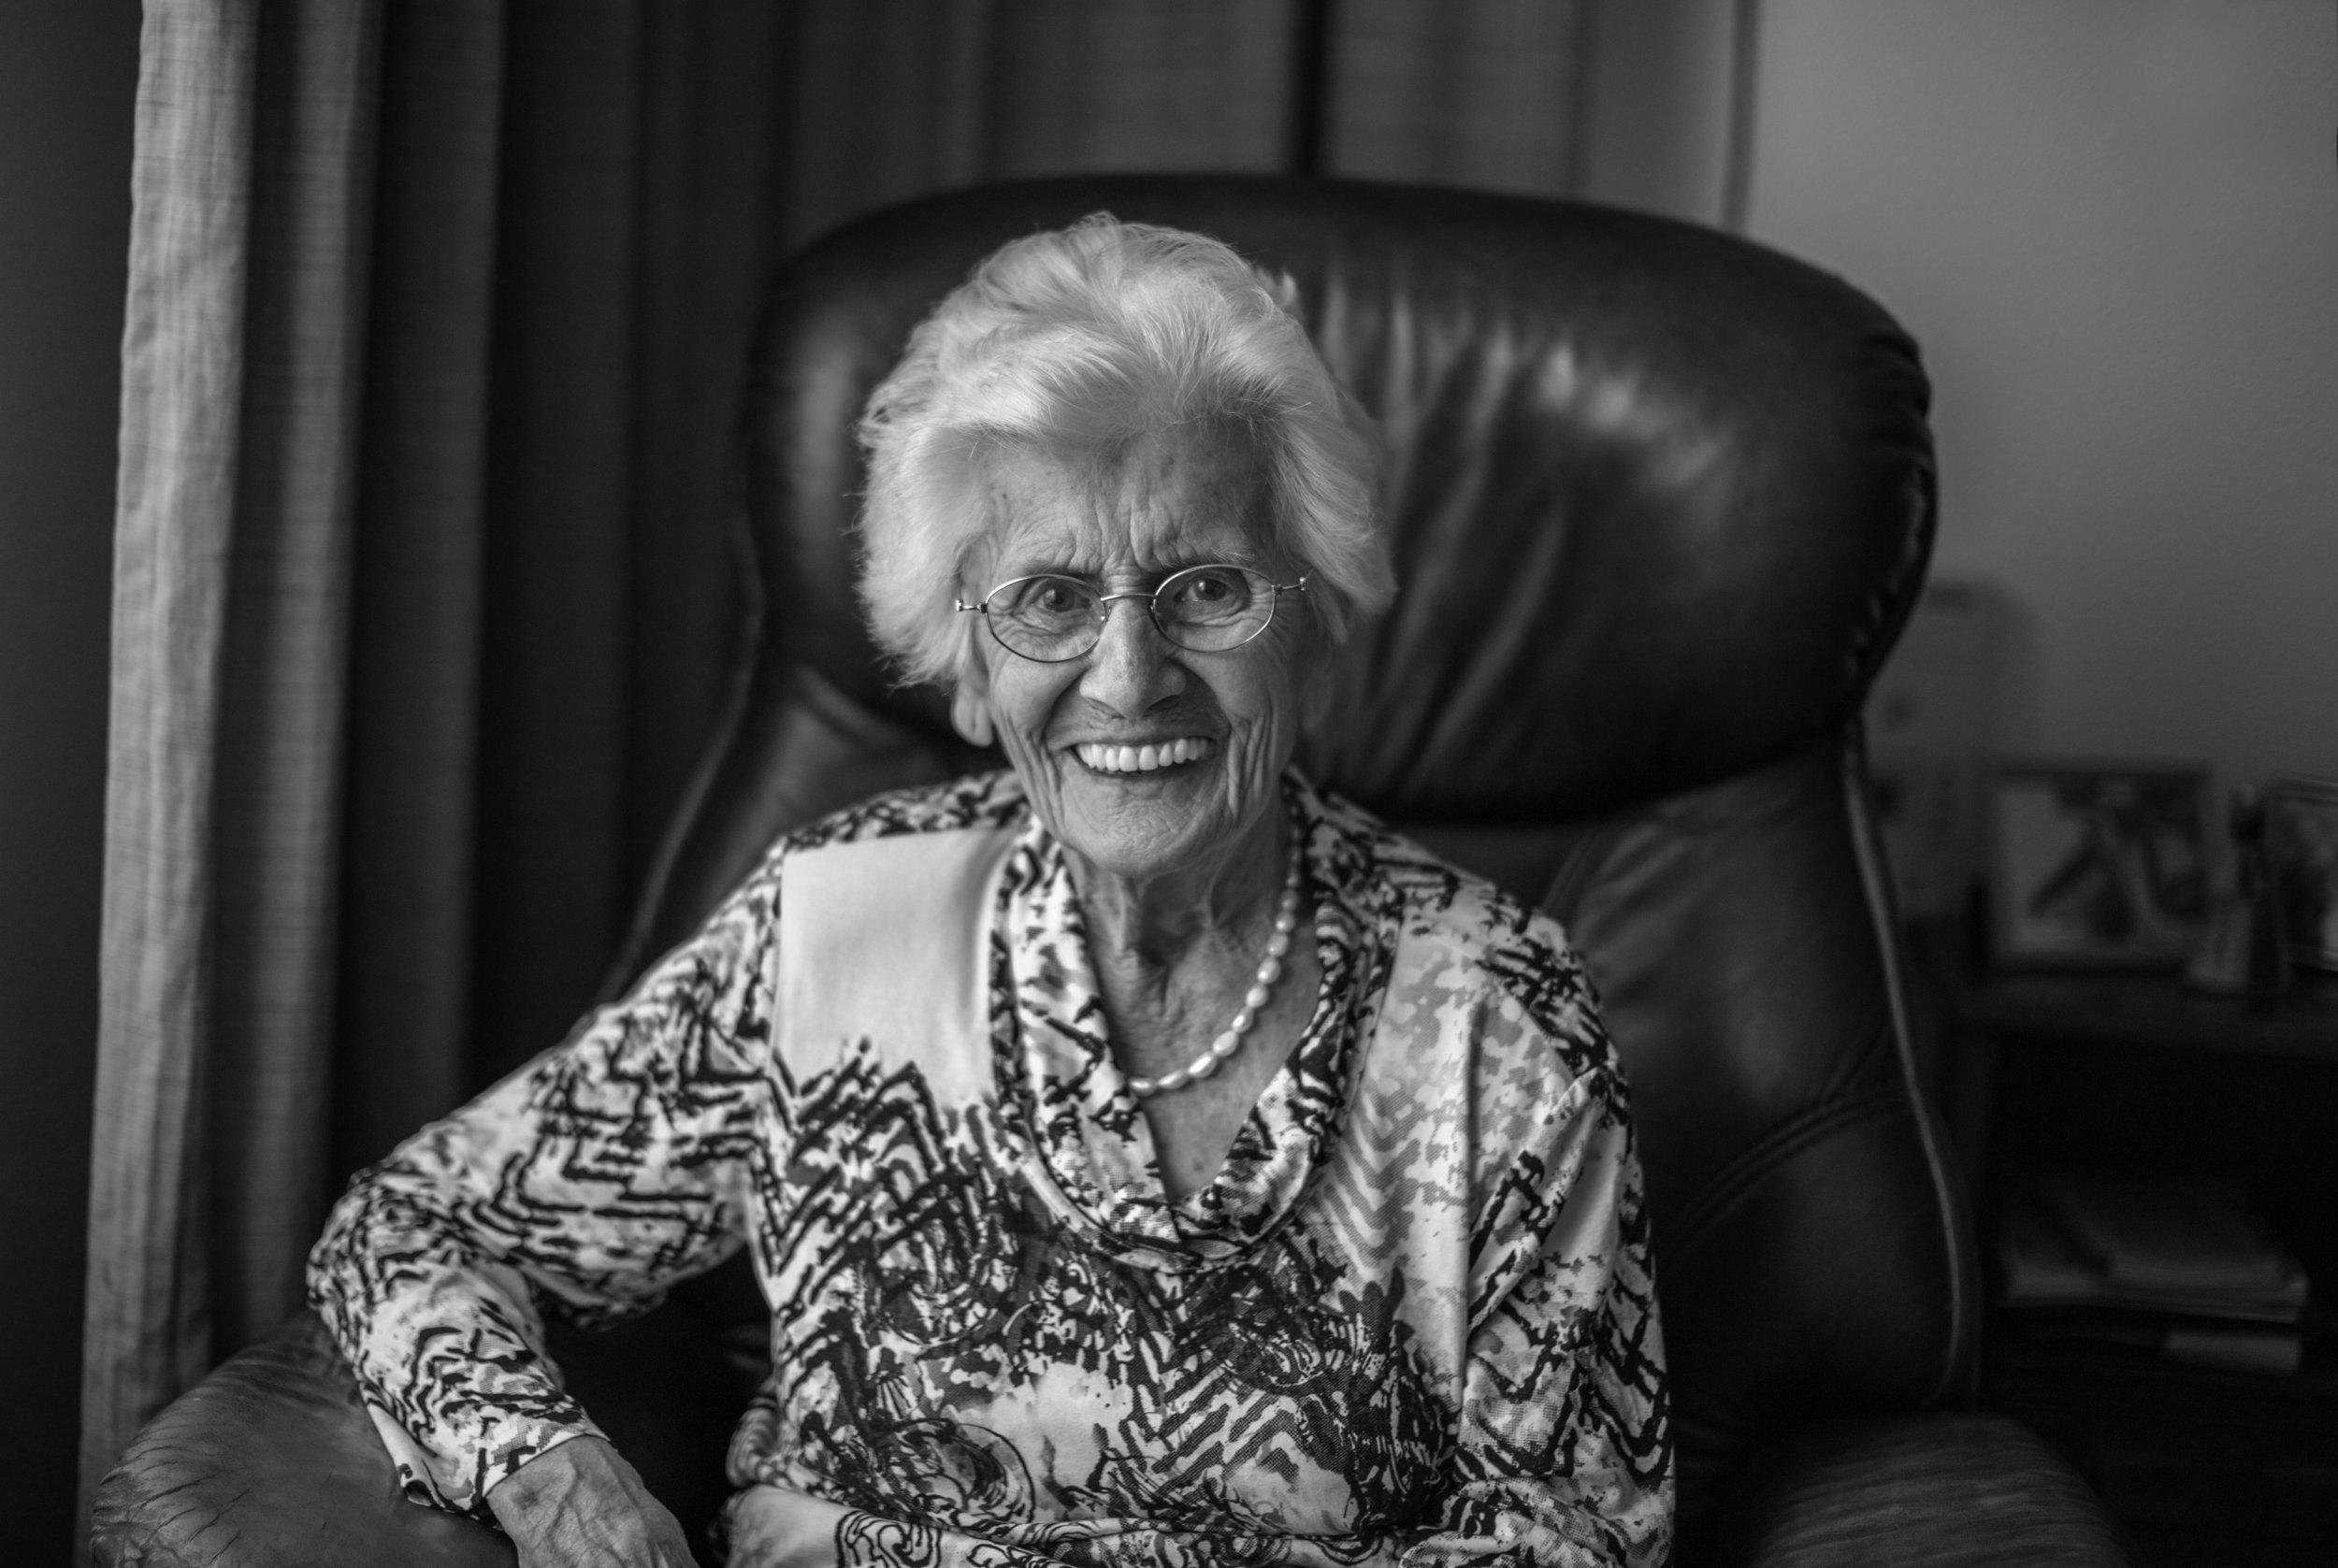 Mevrouw Claassen-Janssen thuis in Asten. 'Mijn man viel me meteen op. Hij had donker haar en was nogal lang. Maar hij was ook armoedig gekleed. Er was niets na de oorlog.' Foto's: Leon van Loon.